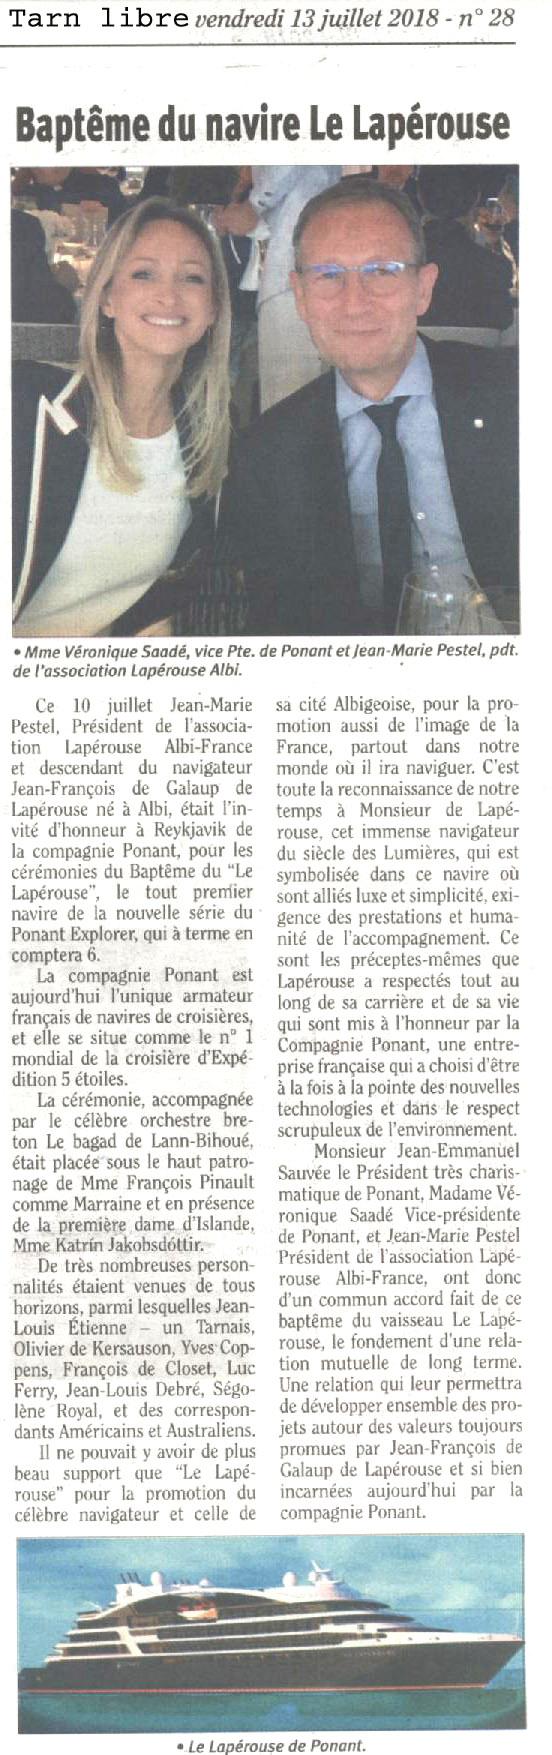 Article Paru dans Le Tarn Libre le 13 Juillet 2018